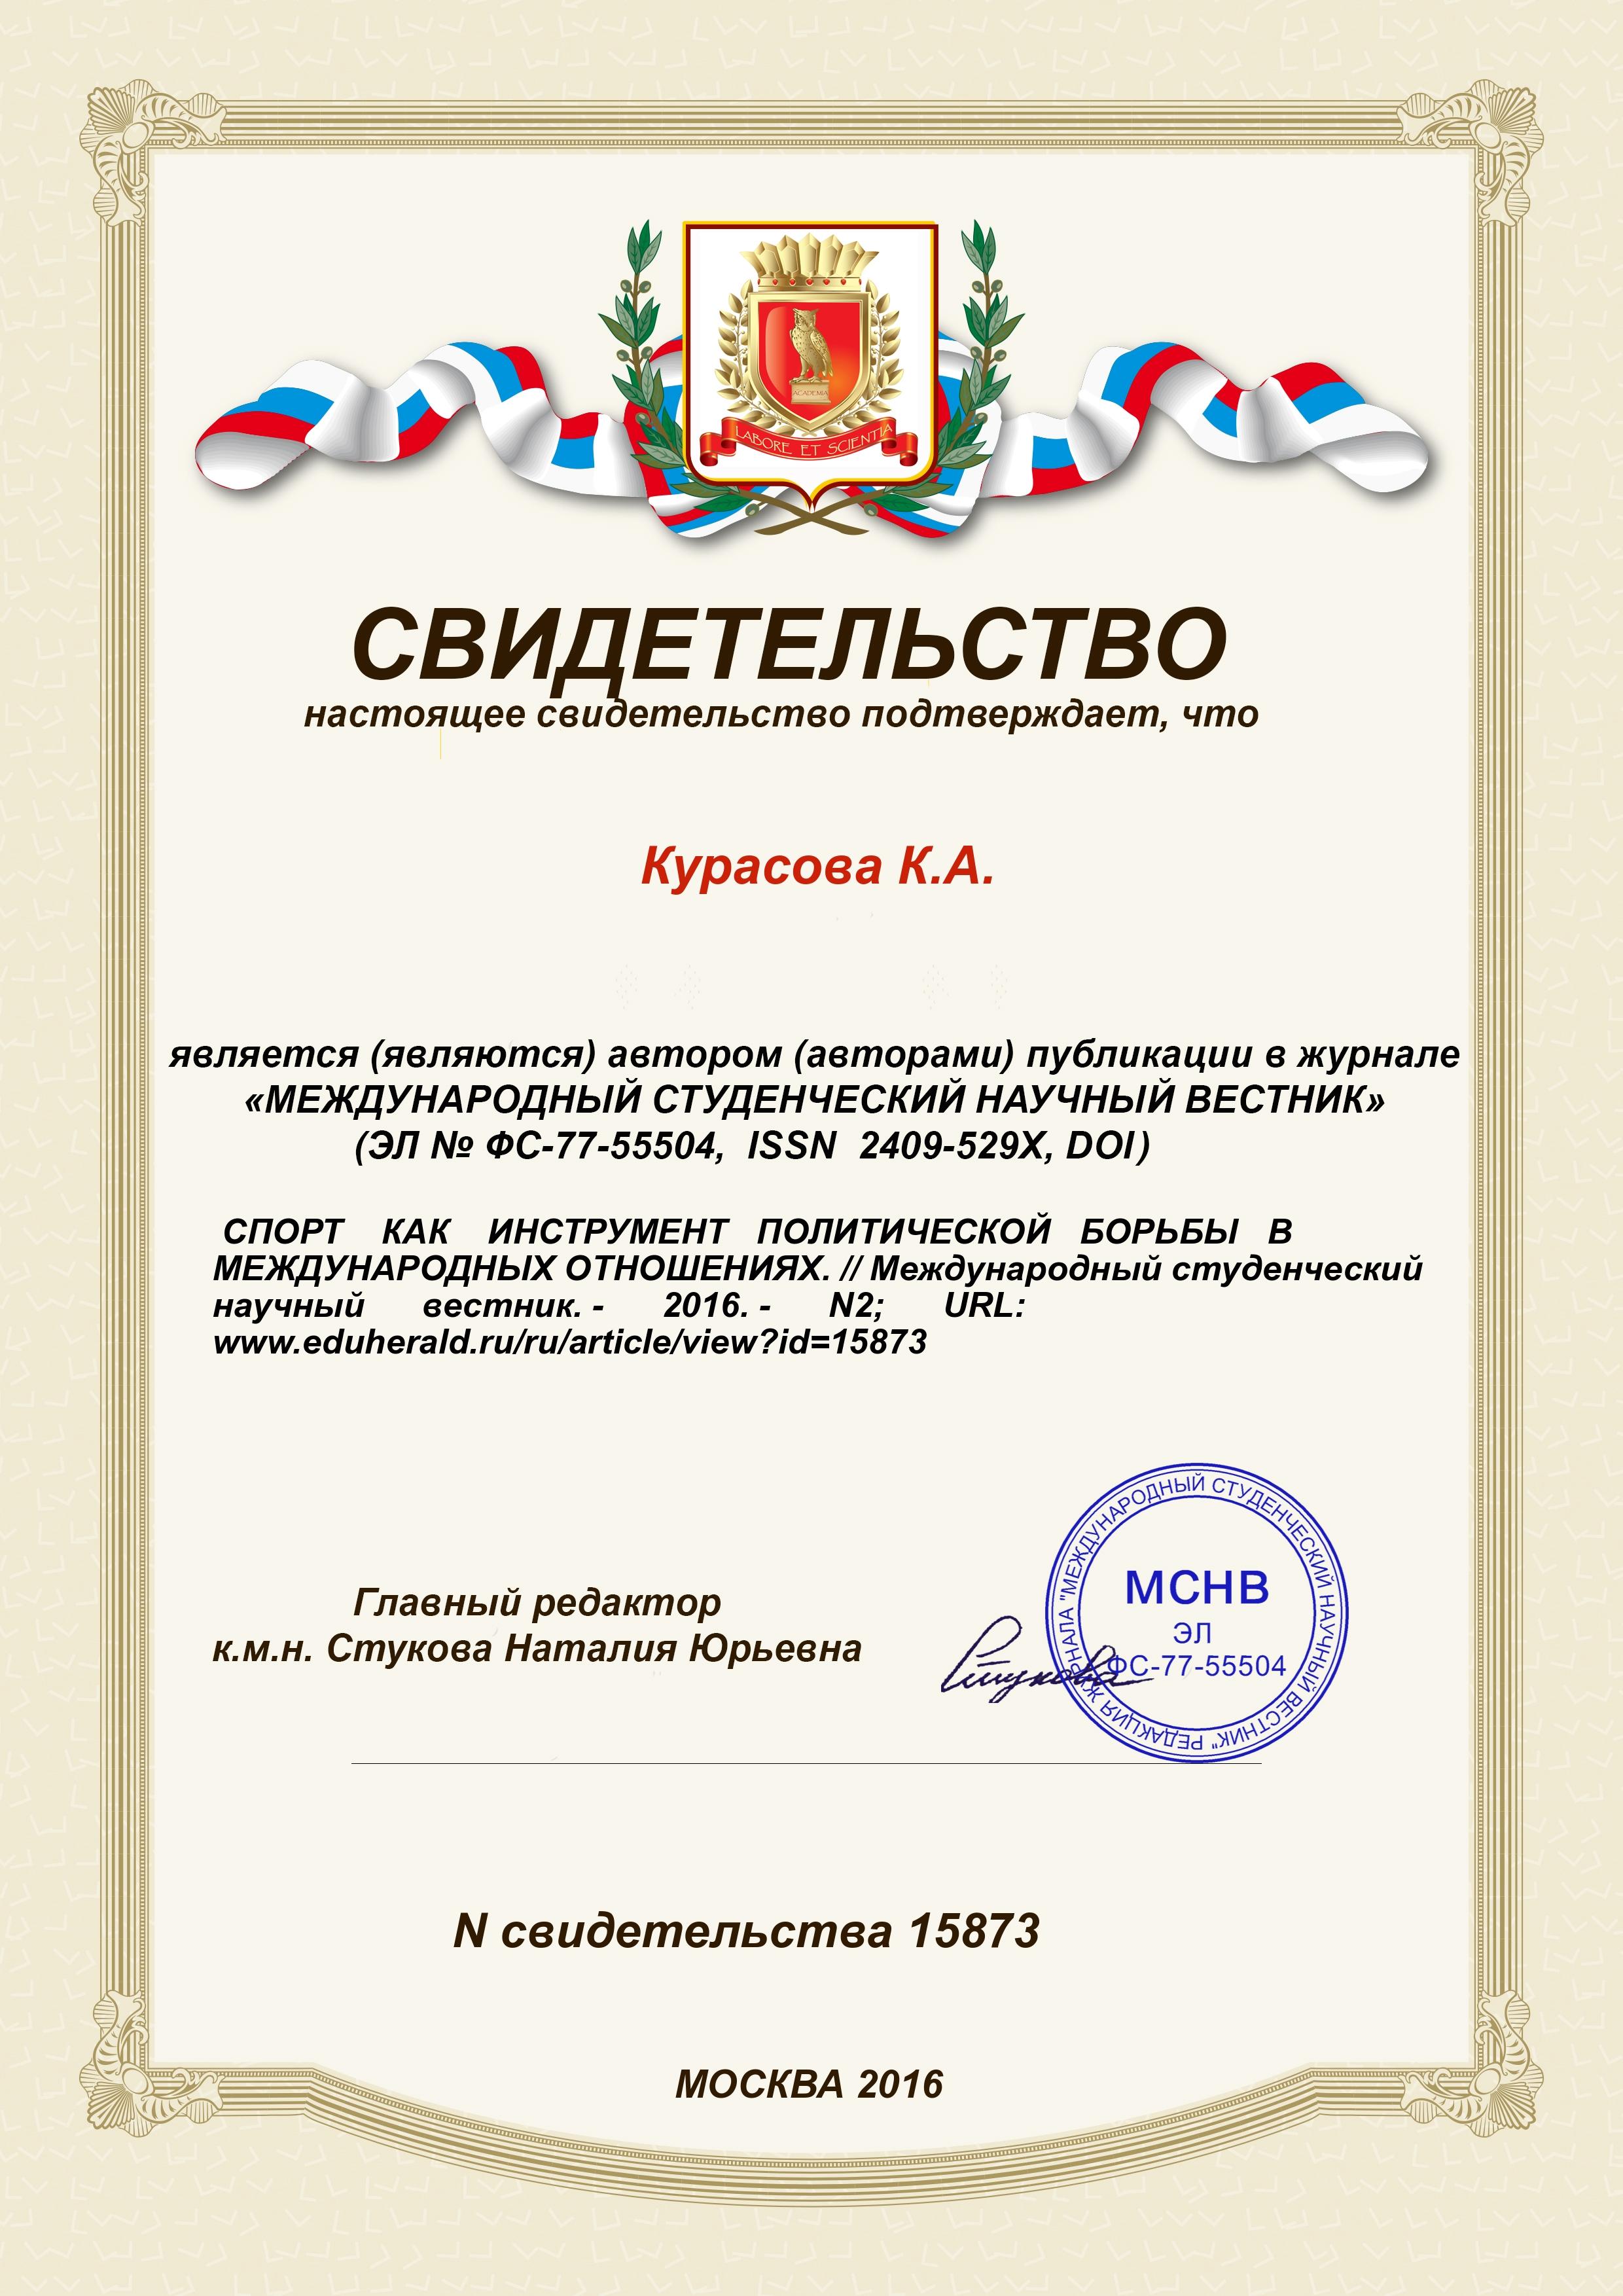 Проект «спорт— норма жизни» представил нового посла, олимпийского чемпиона александра легкова. олимпиада спорт-экспресс